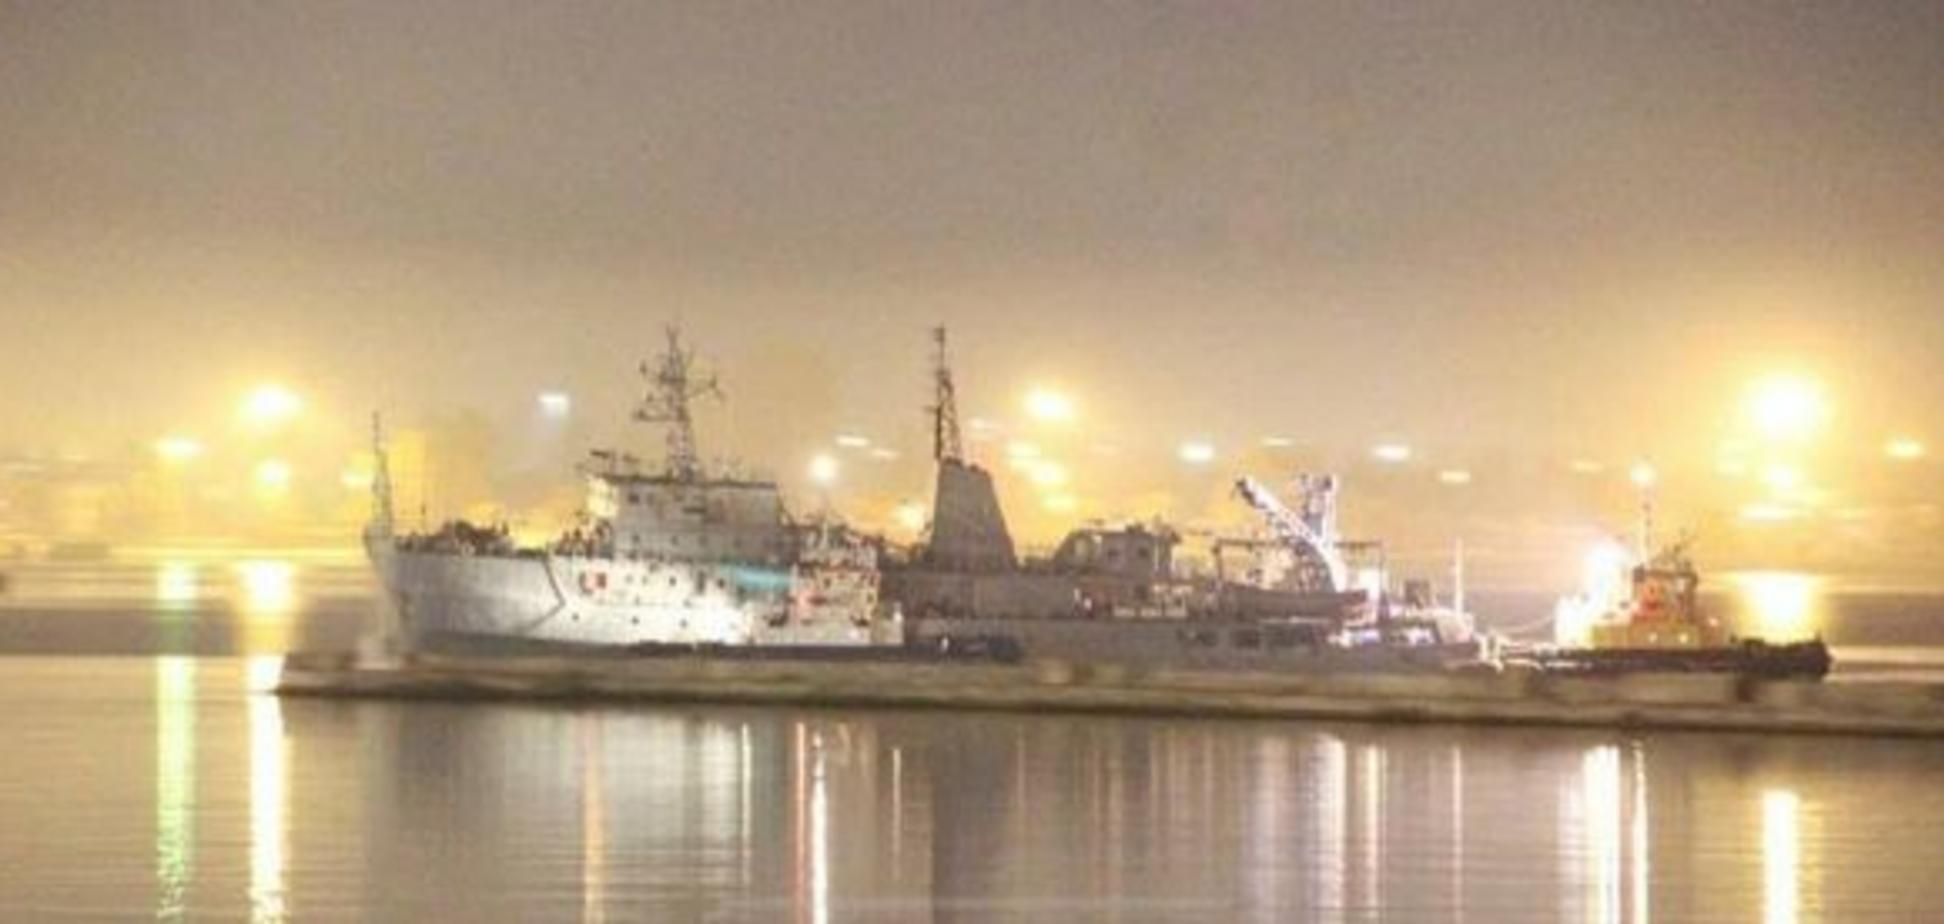 Плавзасоби Мінінфраструктури врятували судно ВМС 'Балта' у Чорному морі